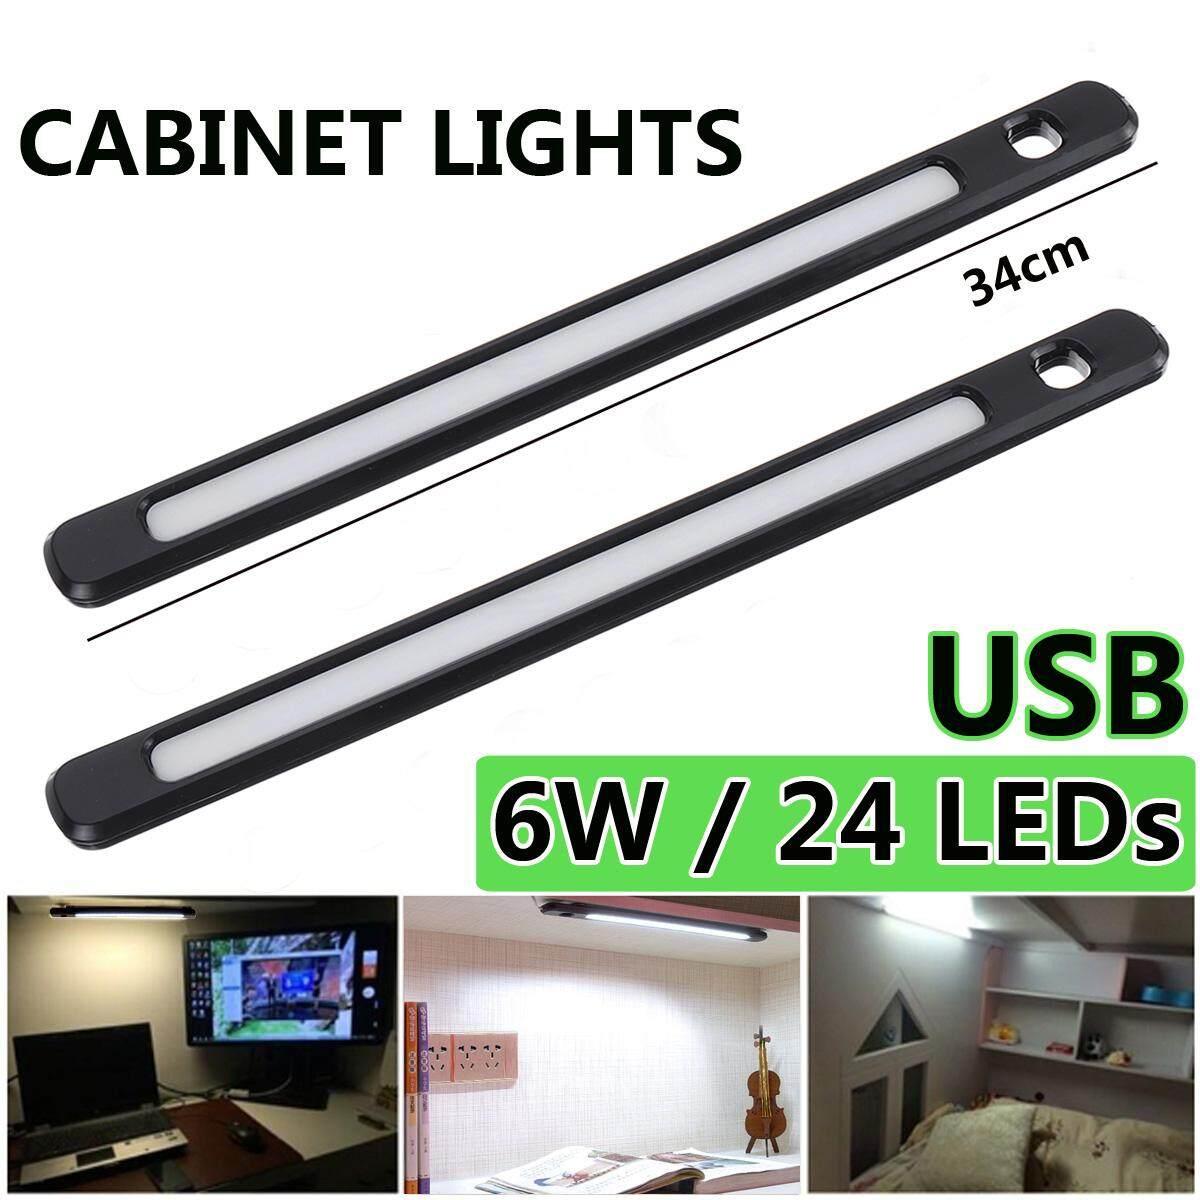 【Free Shipping + Flash Deal】2PCS 24 LED 5V 6W USB LED Strip Bar Light Desk Table Lamp Night Light Magnet Stick-on